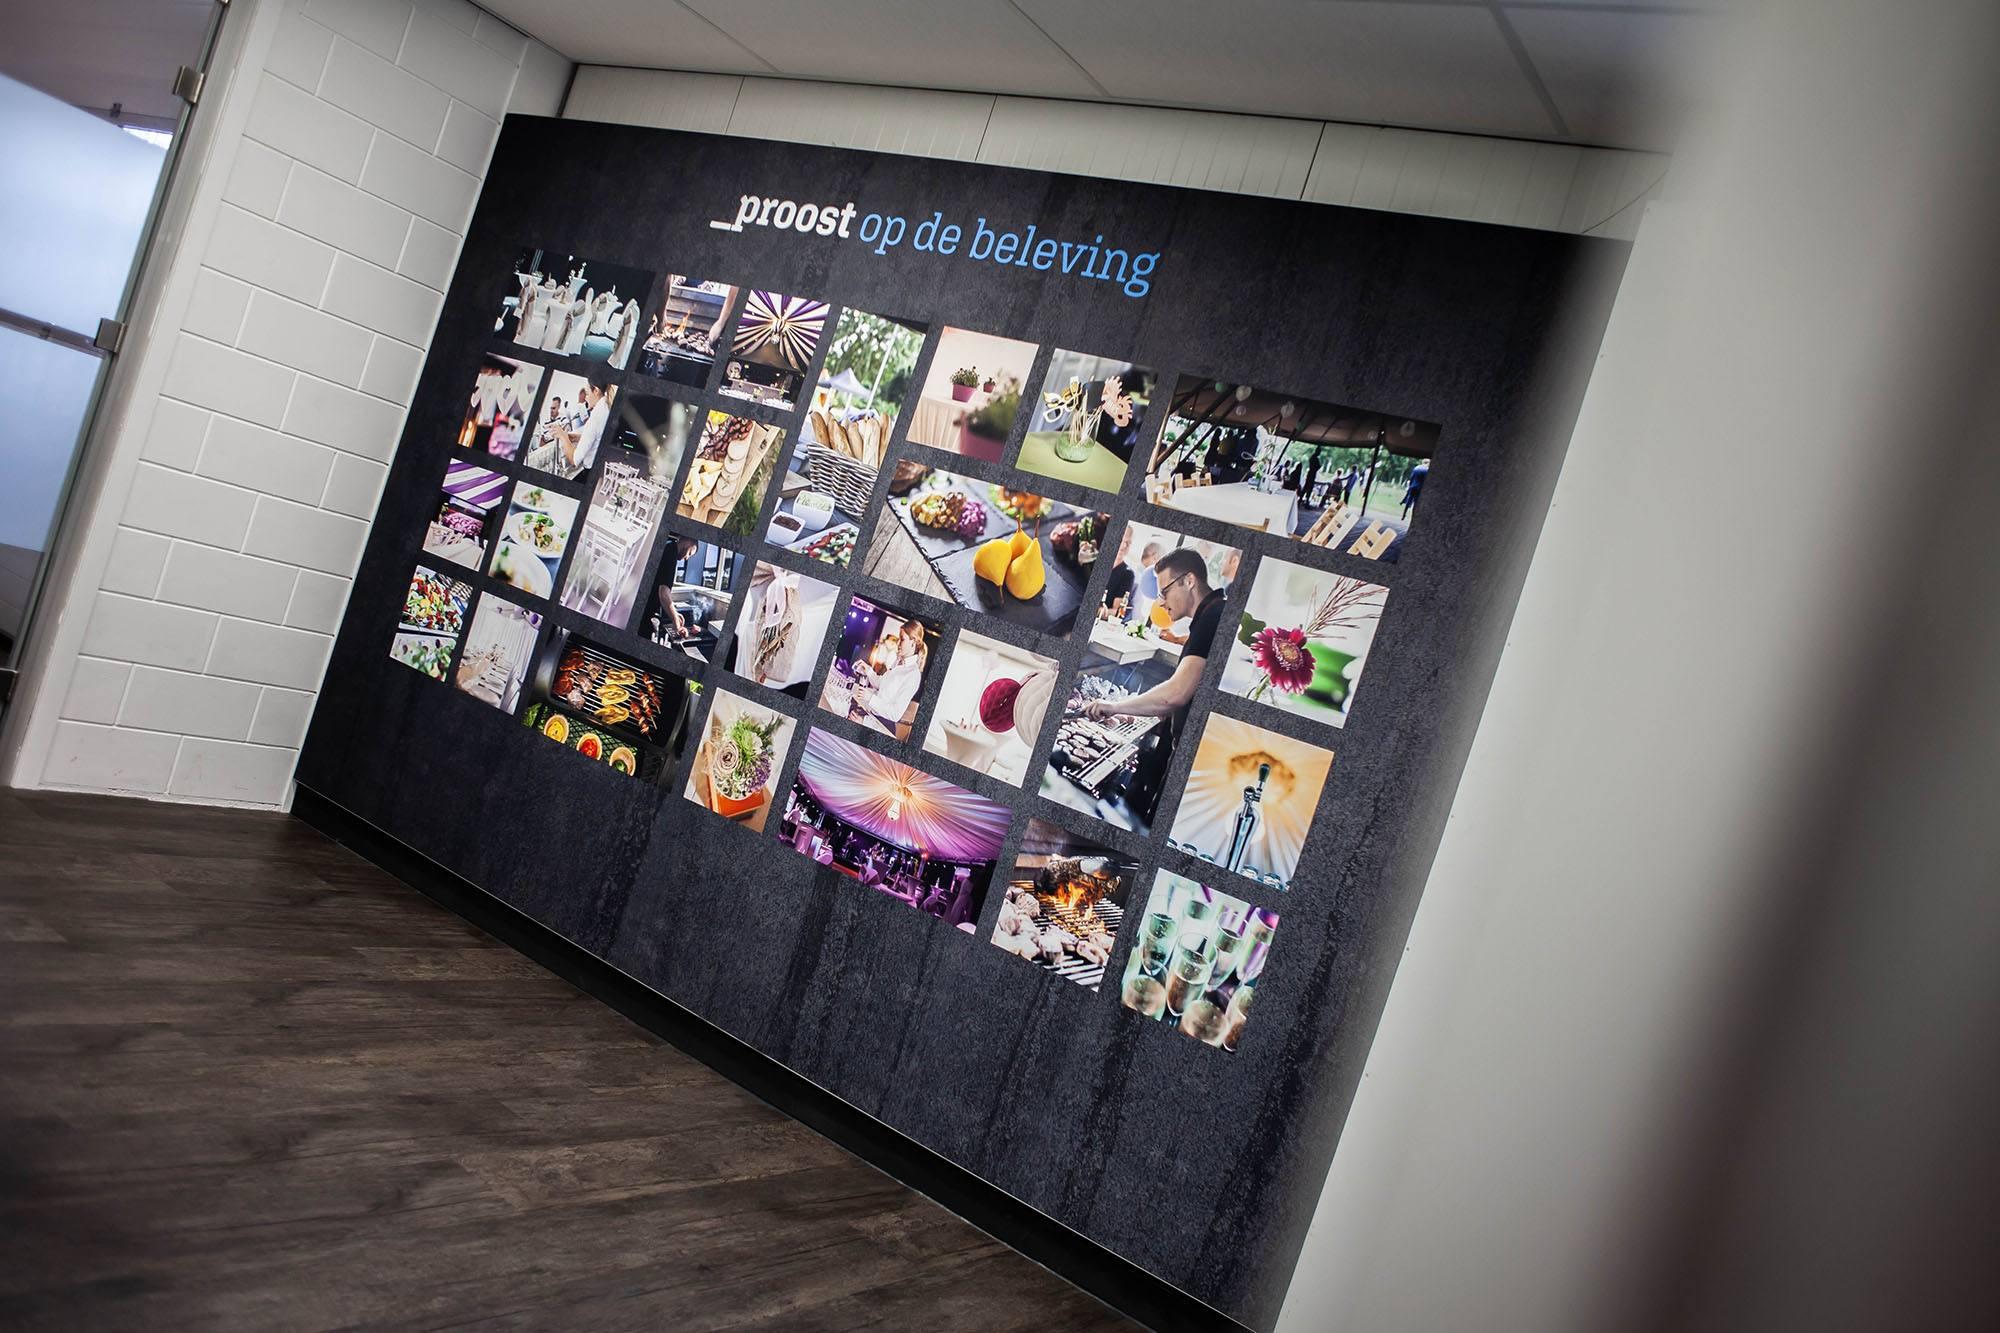 Geluidsabsorberend wandpaneel op kantoor met eigen foto's